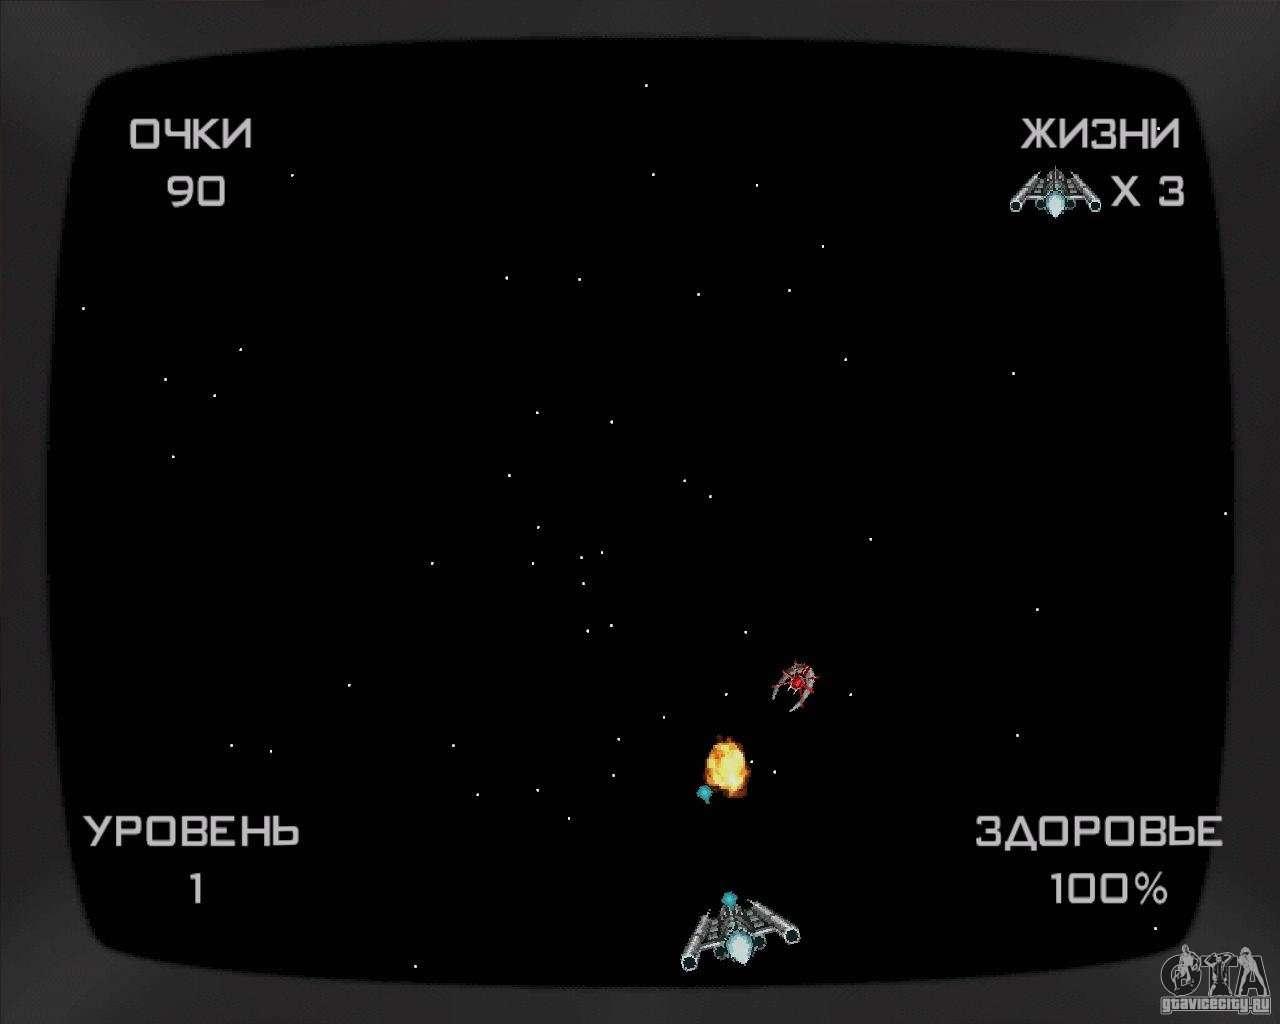 Играем в игровые автоматы в GTA SA 1 - YouTube